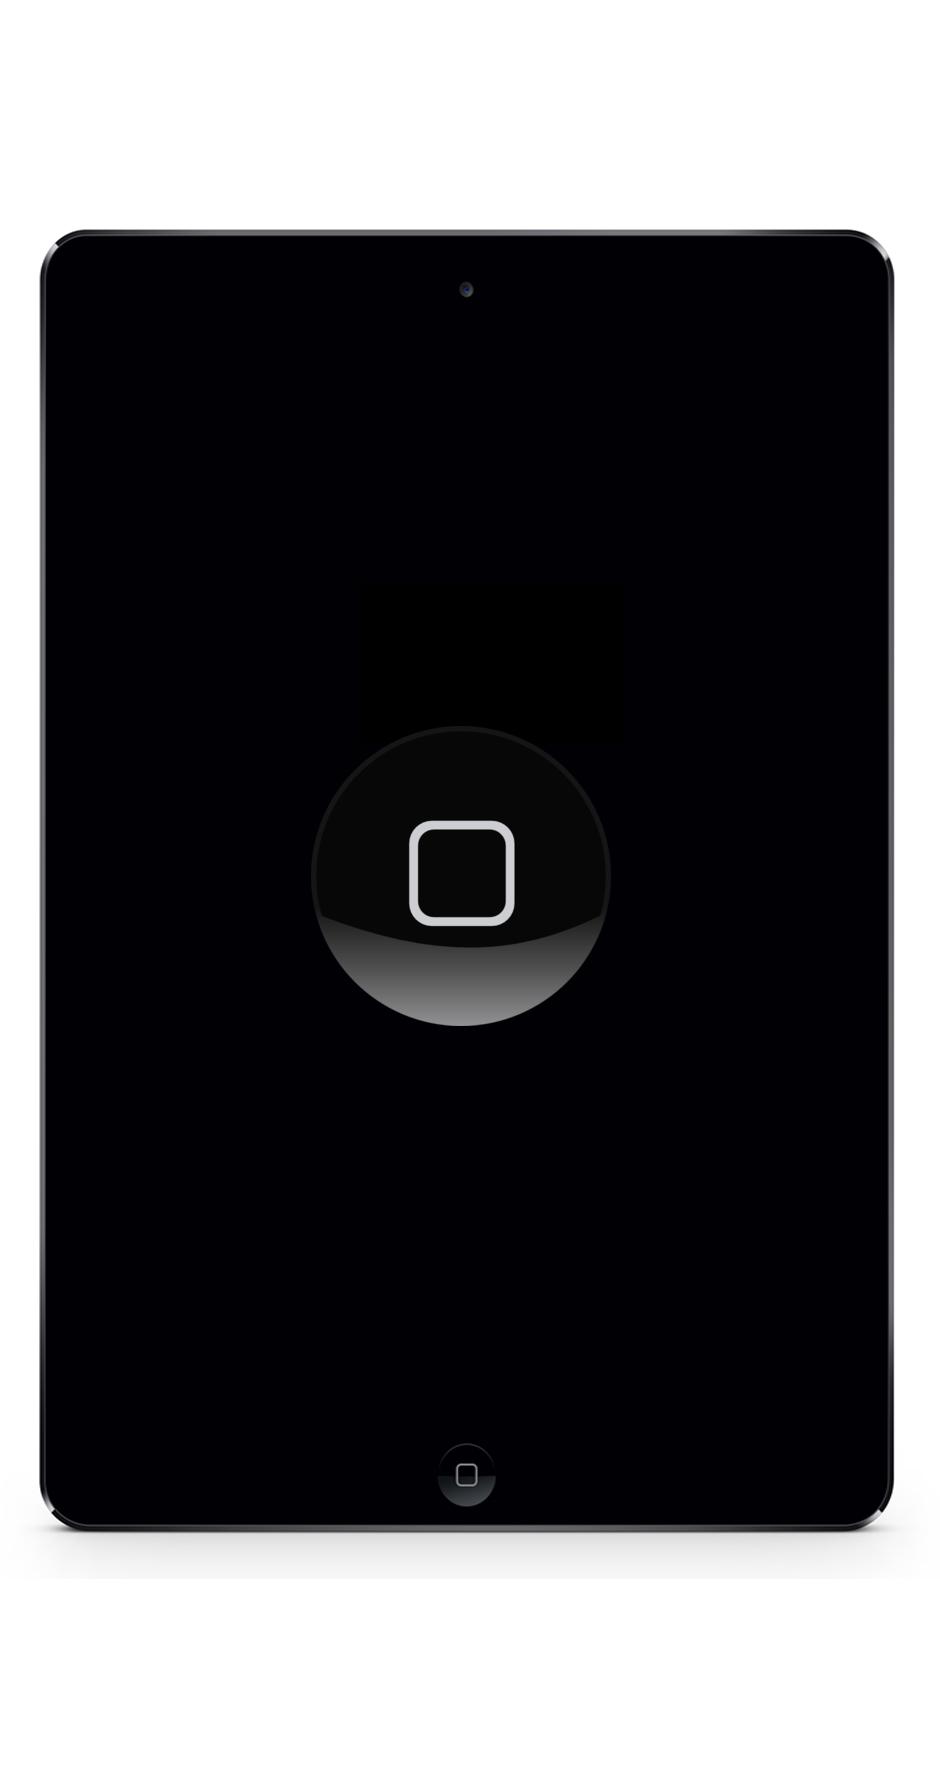 Ipad  Home Button Reagiert Nicht